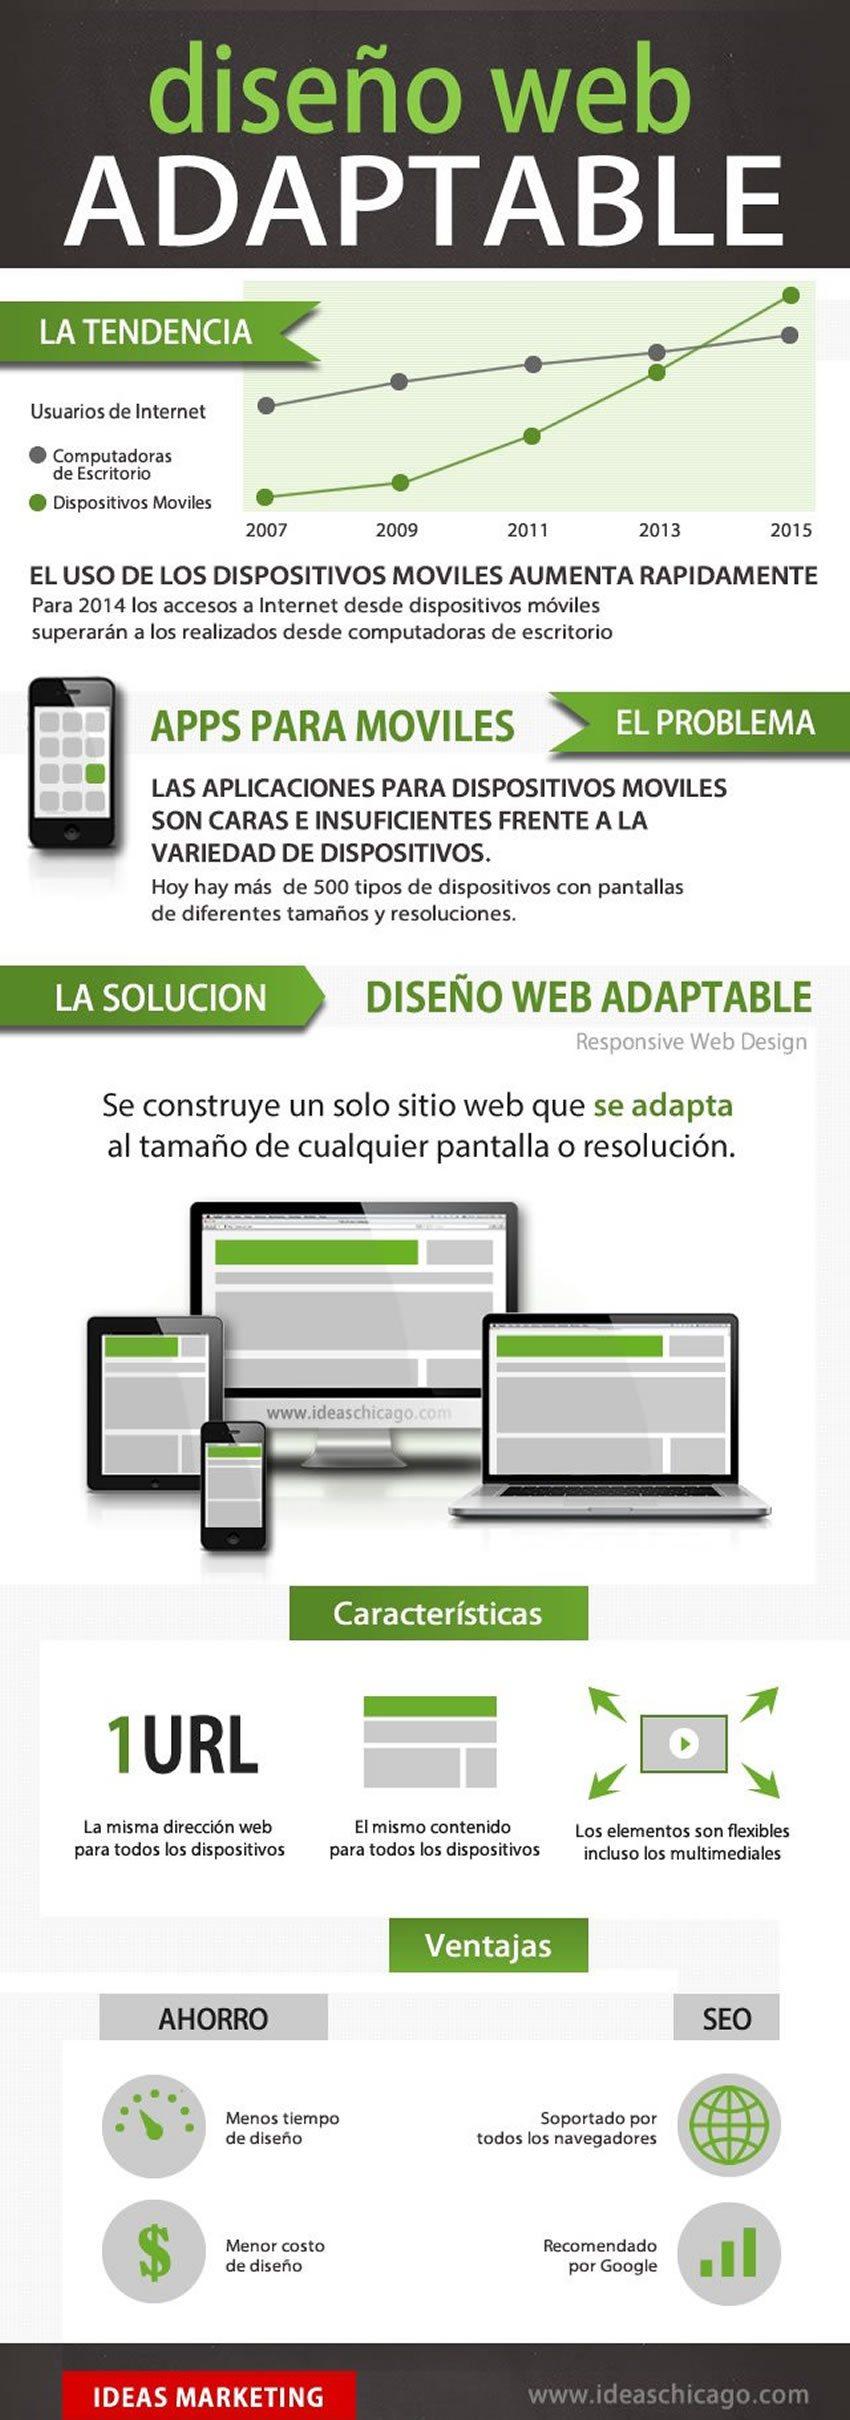 infografia-diseno-web-adaptable